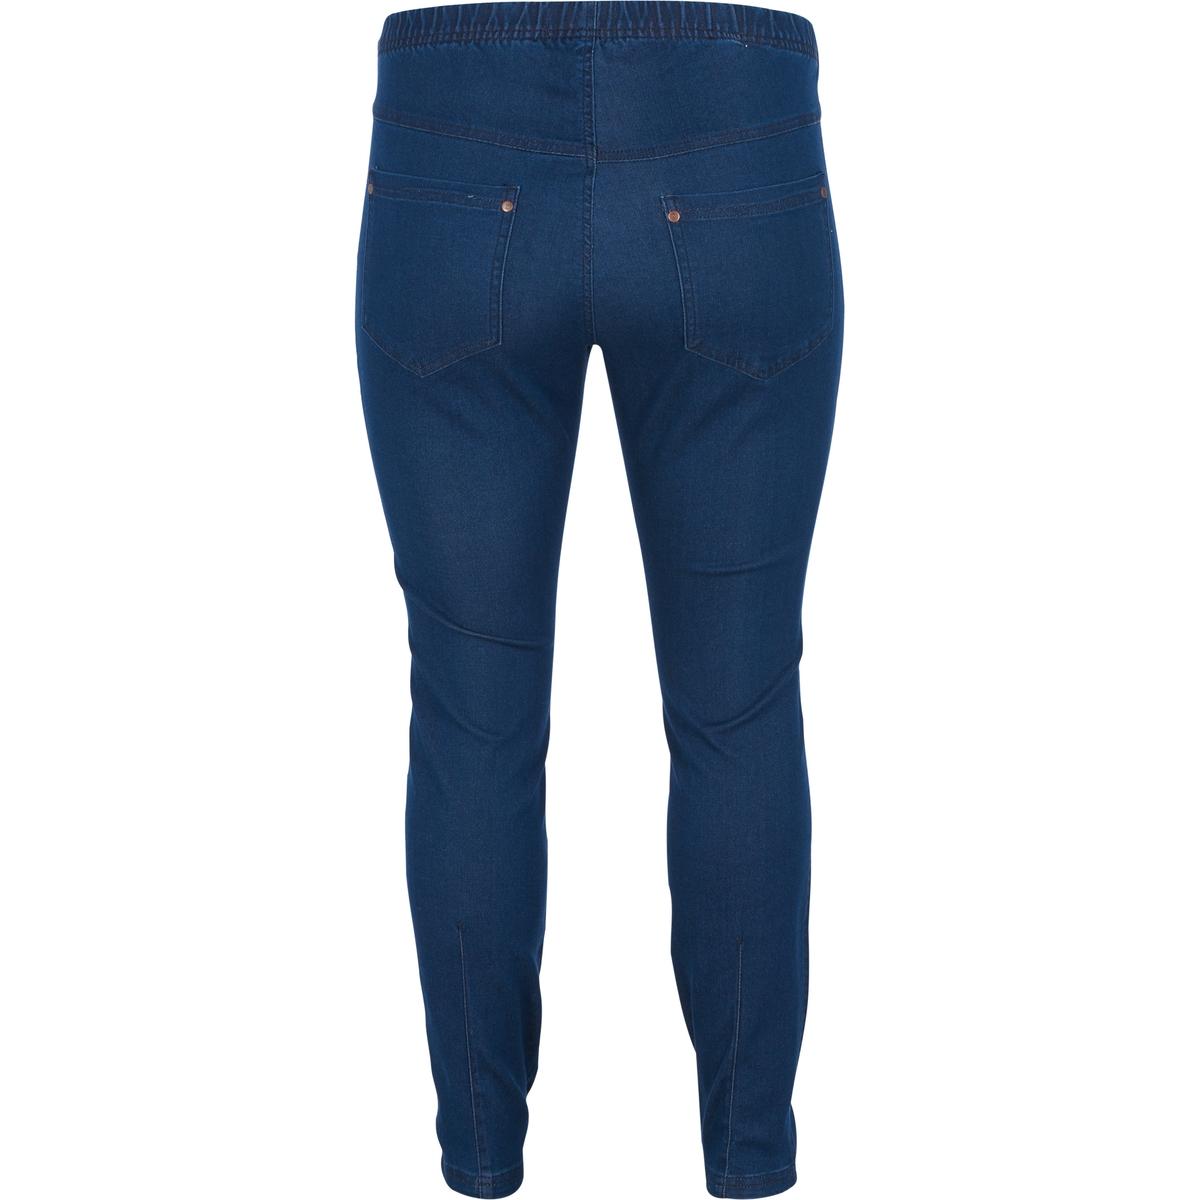 ЛеггинсыЛеггинсы ZIZZI. 70% хлопка, 28% полиэстера, 2% эластана.. Красивые леггинсы из денима. Без застёжки на пуговицу. Эластичный пояс. Присборенные брючины. Приятный в носке стрейчевый материал.<br><br>Цвет: темно-синий<br>Размер: 50/52 (FR) - 56/58 (RUS).46/48 (FR) - 52/54 (RUS).54/56 (FR) - 60/62 (RUS)